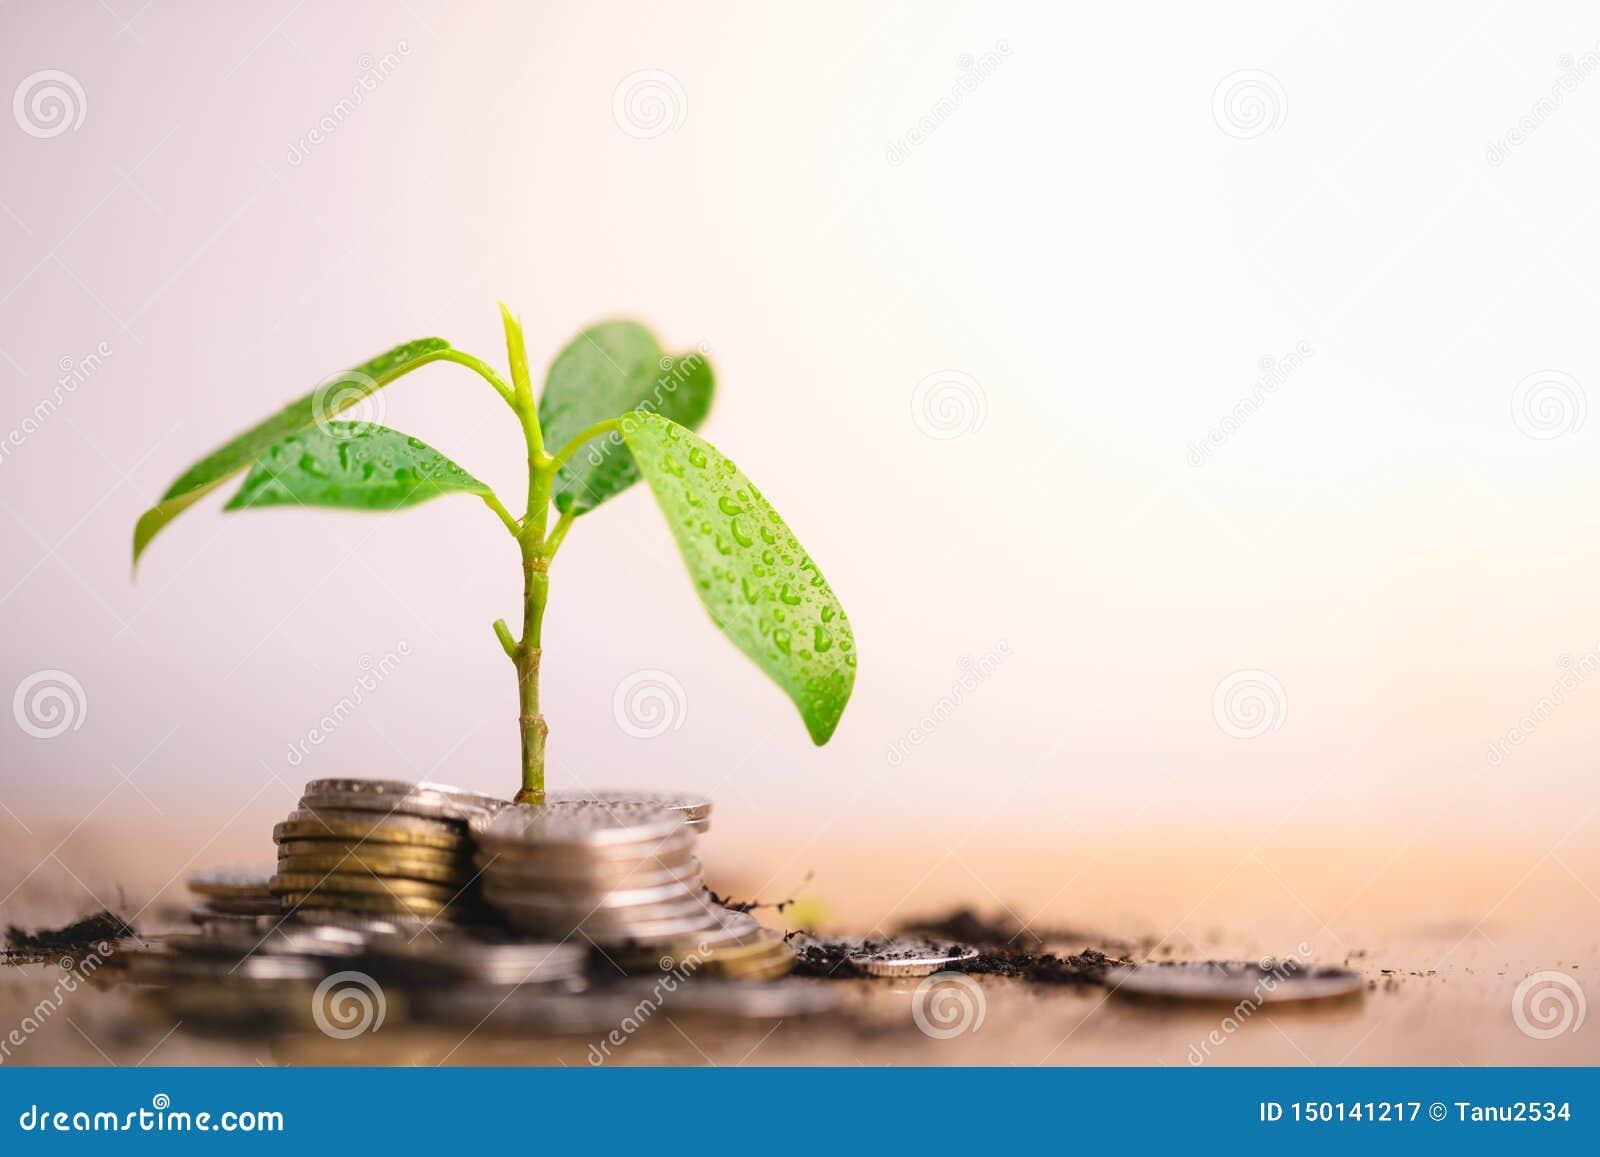 年幼植物增长,并且硬币堆积